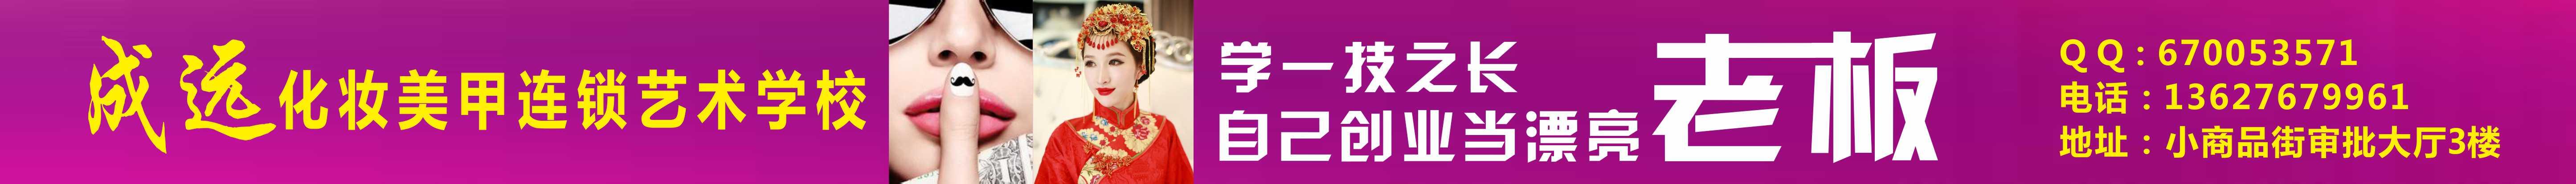 酉陽成遠化妝美甲連鎖藝術學校